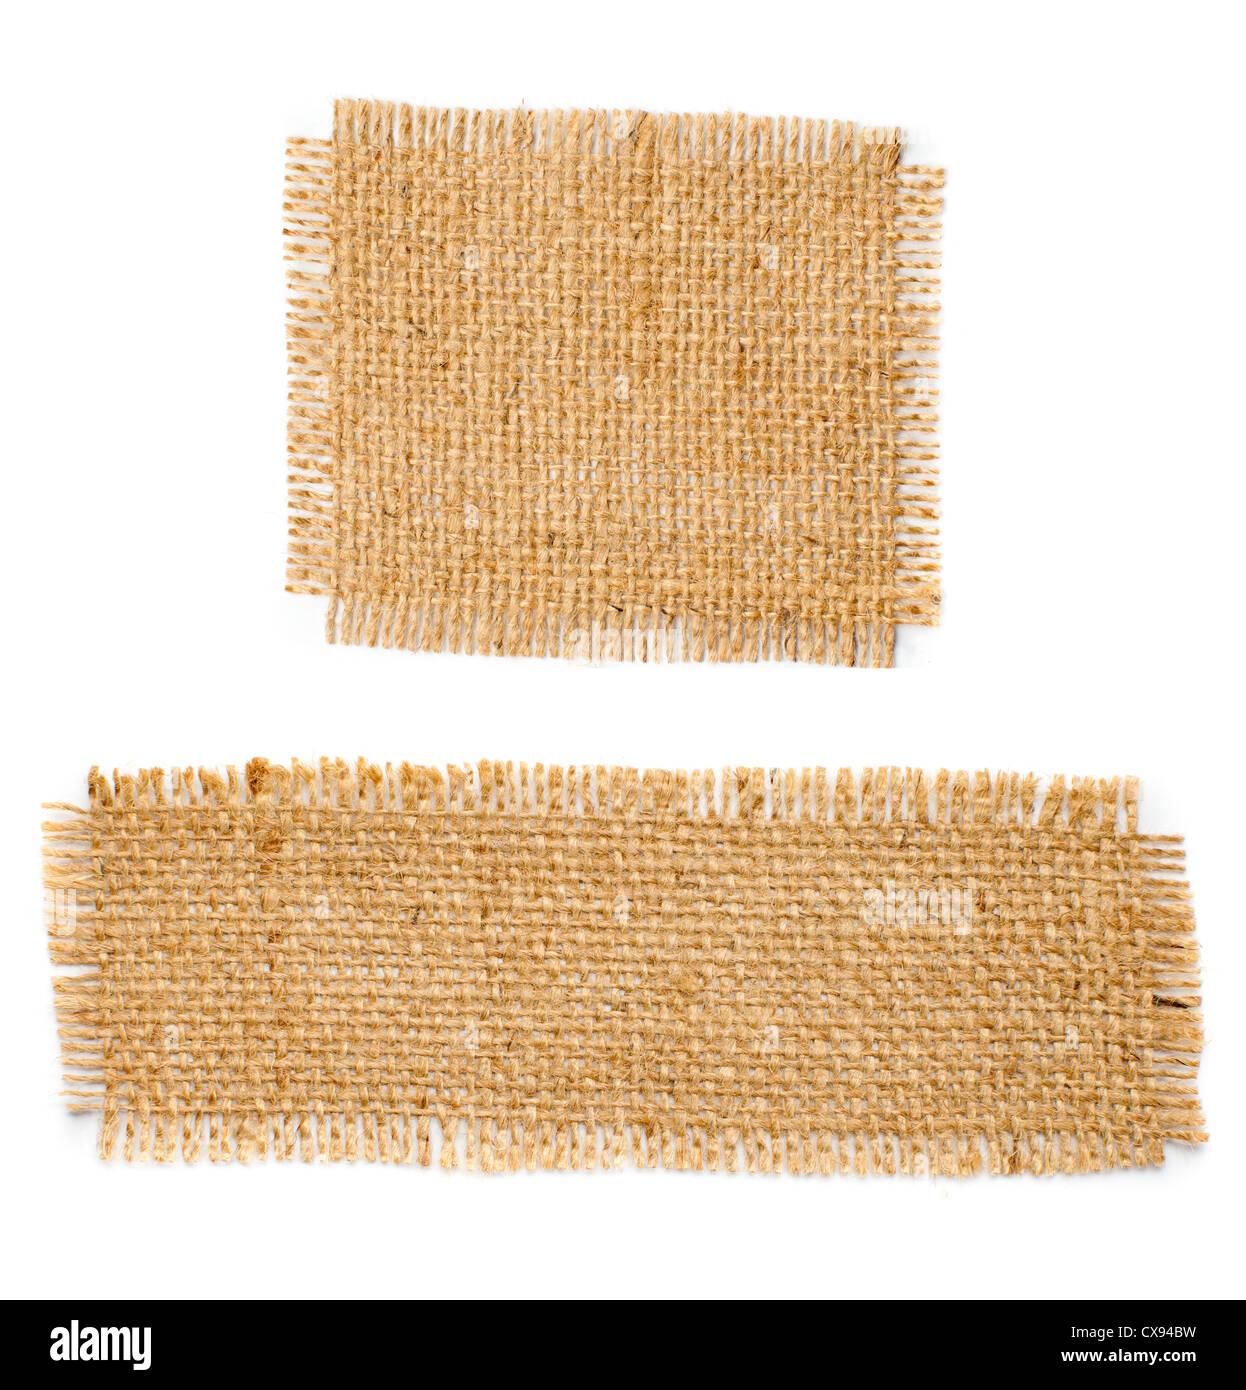 Burlap hessian square with frayed edges isolated on white background - Stock Image